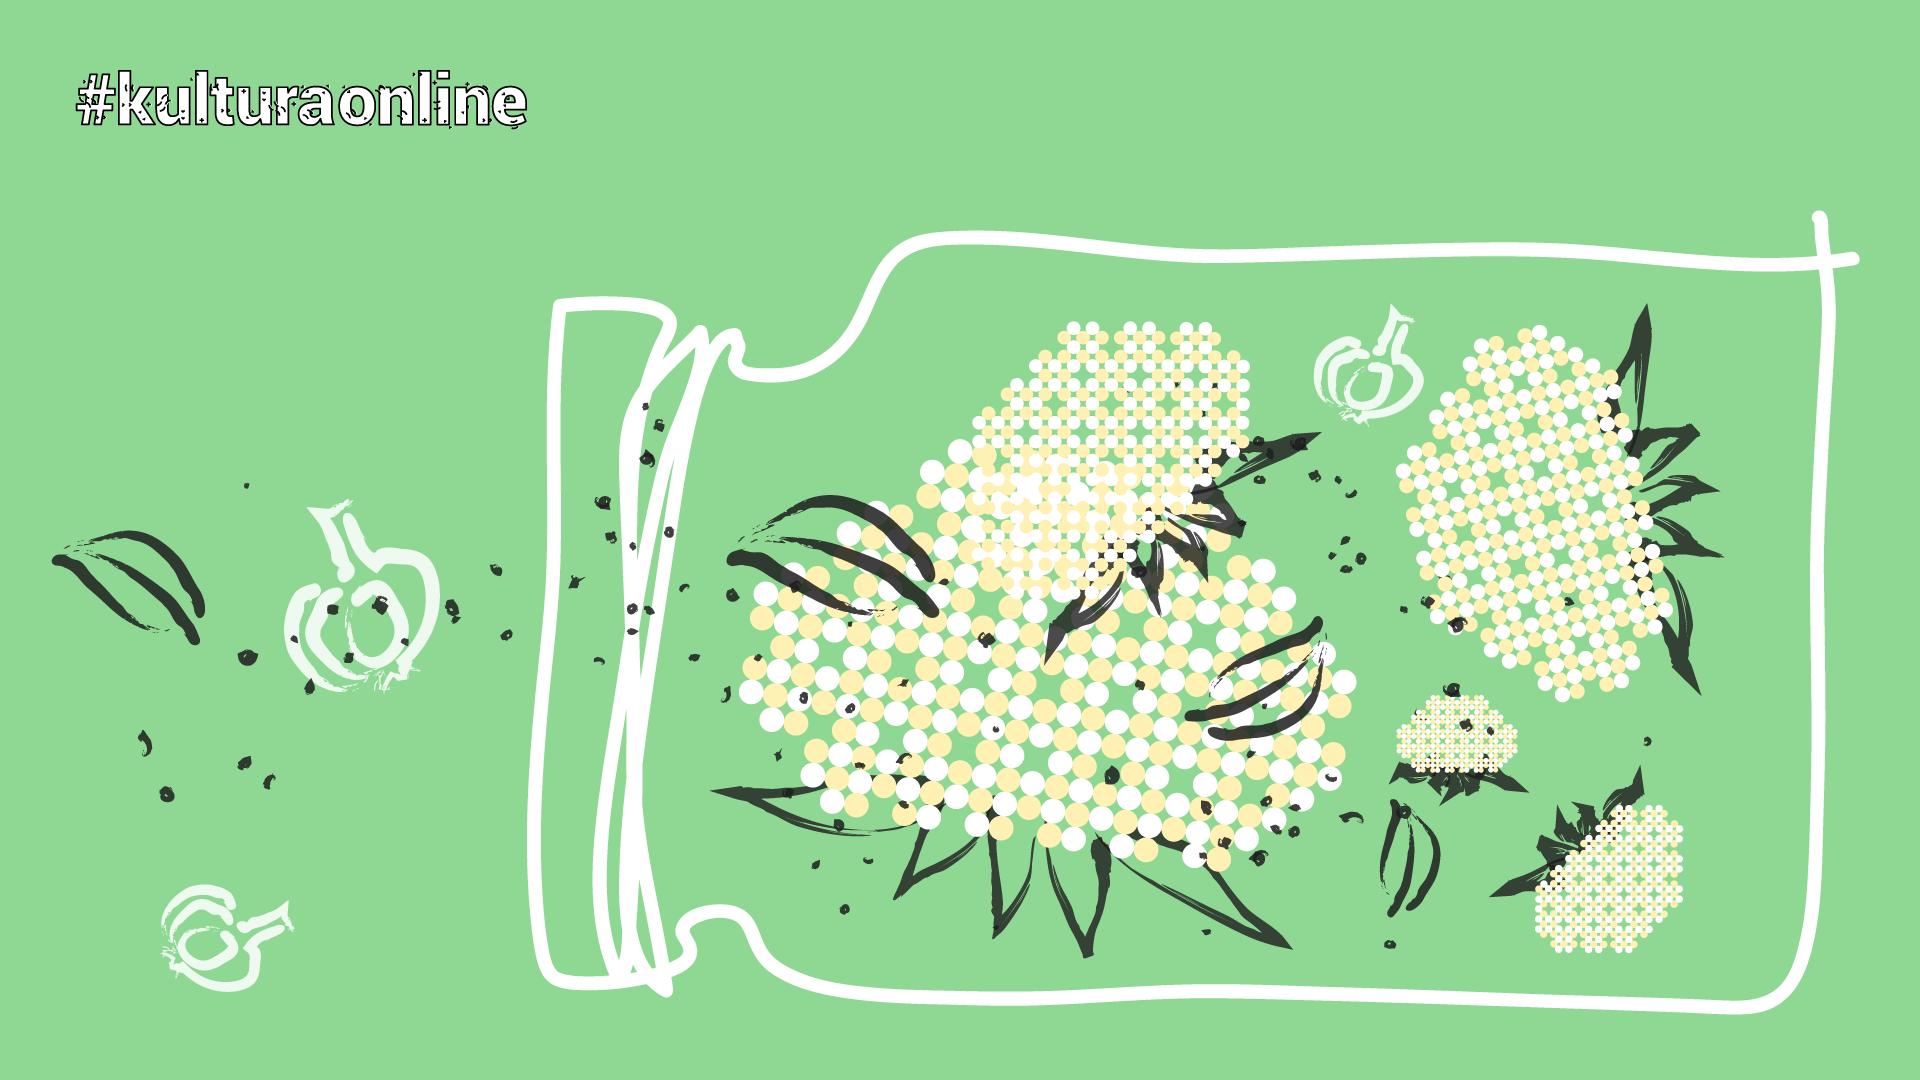 symbolicznie zarysowany słoik z kalafiorem, czosnkiem i przyprawami na miętowym tle, napis: #kulturaonline